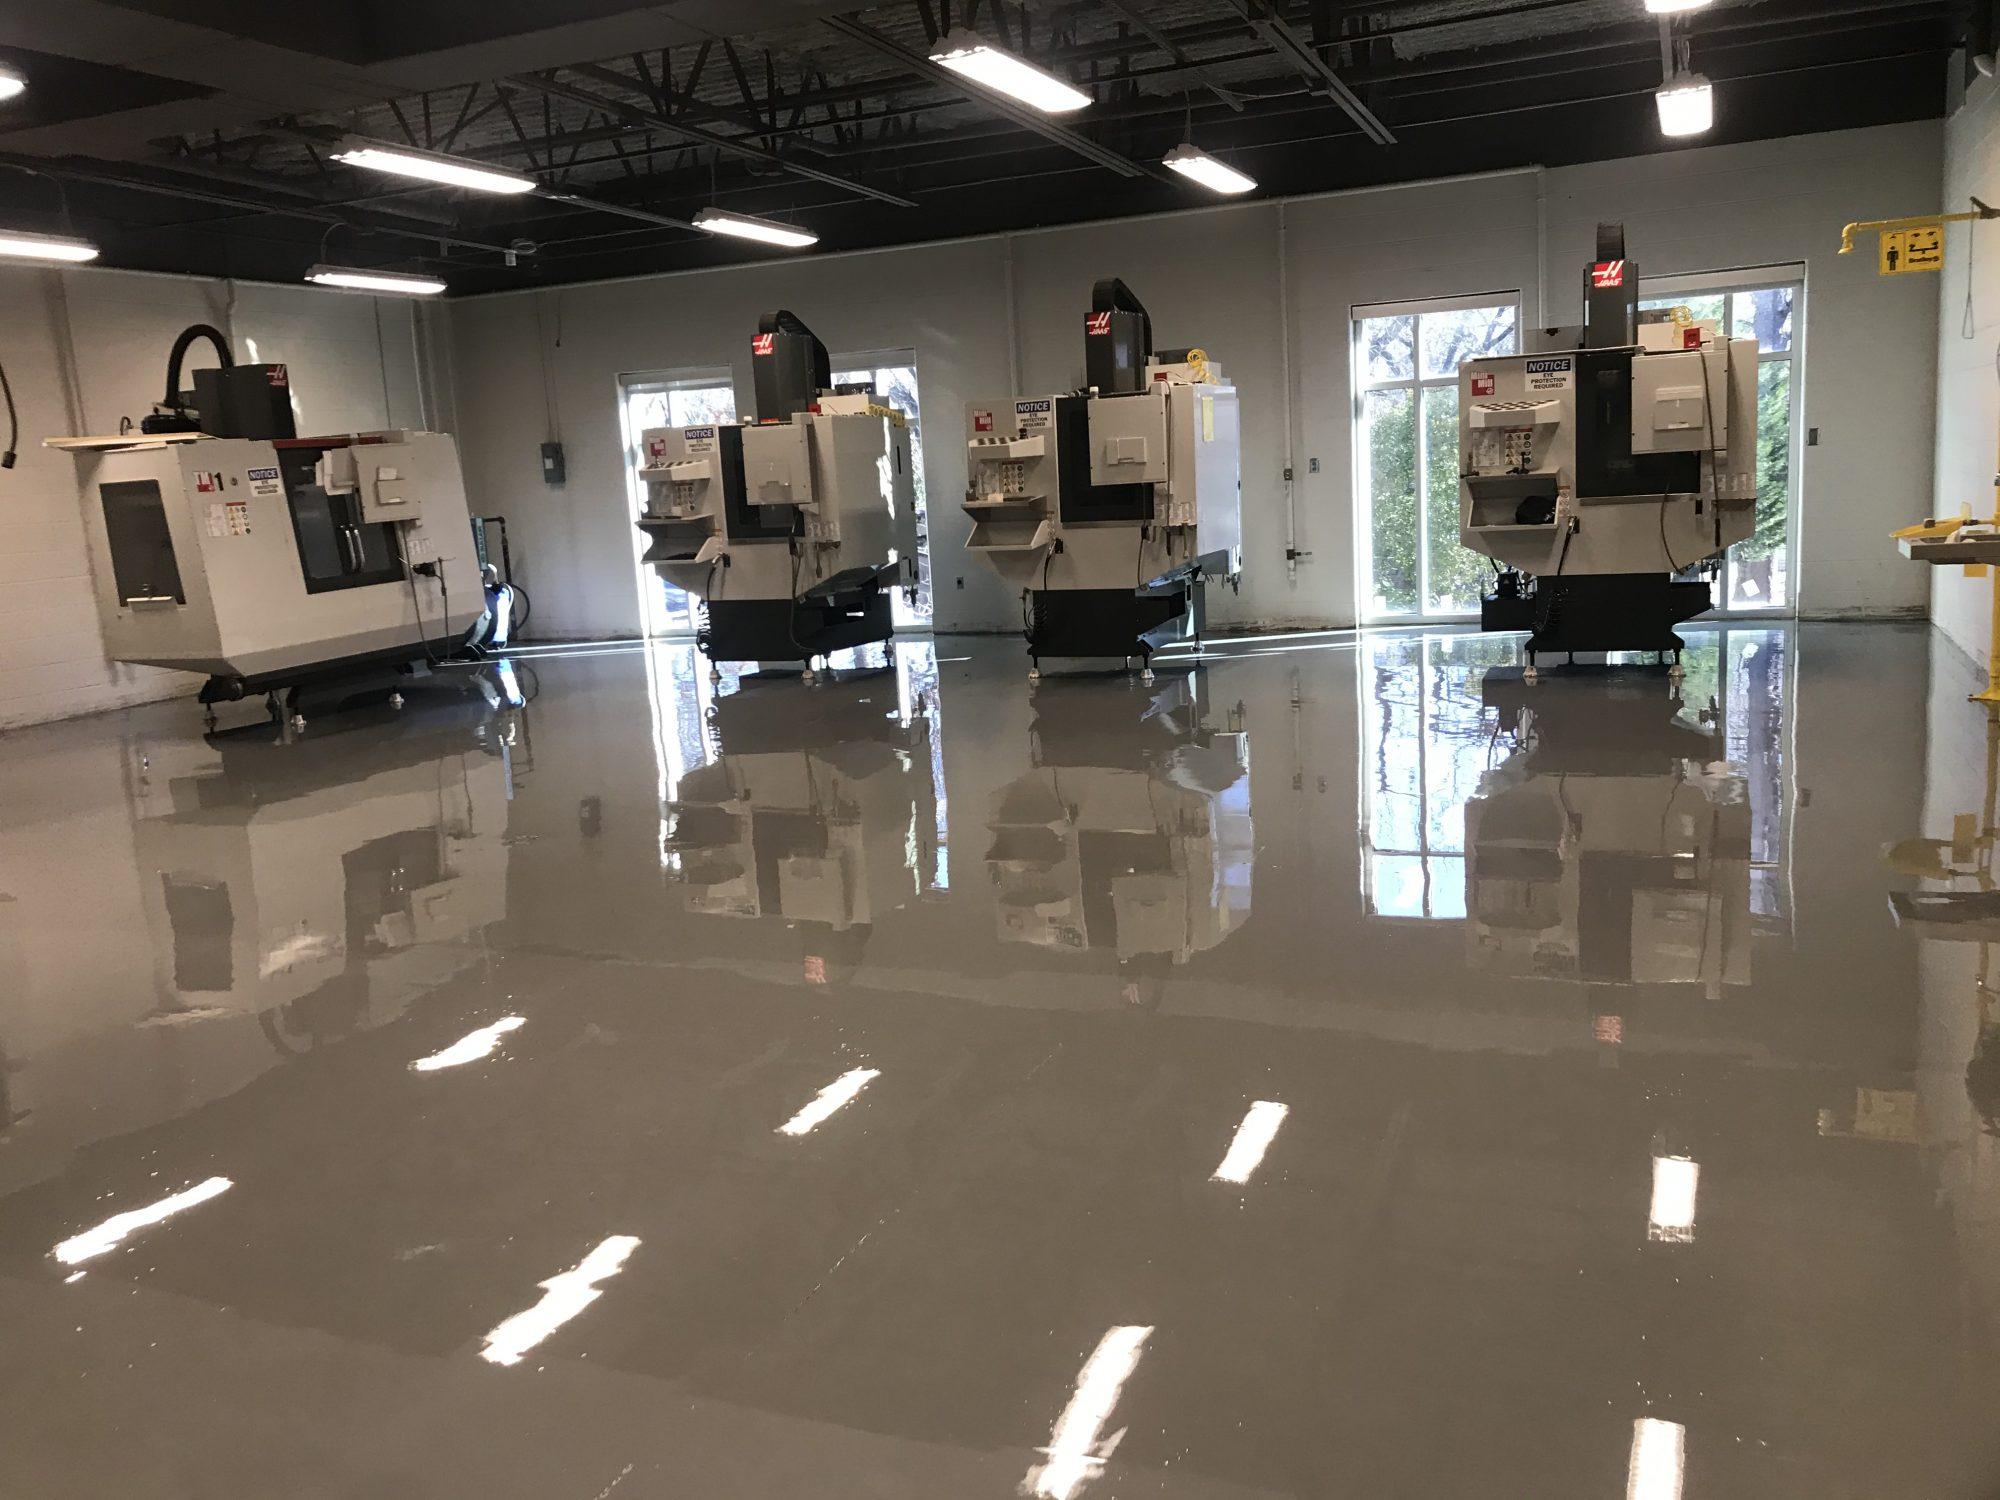 high school, middle school, epoxy floor coatings, urethane floor coating